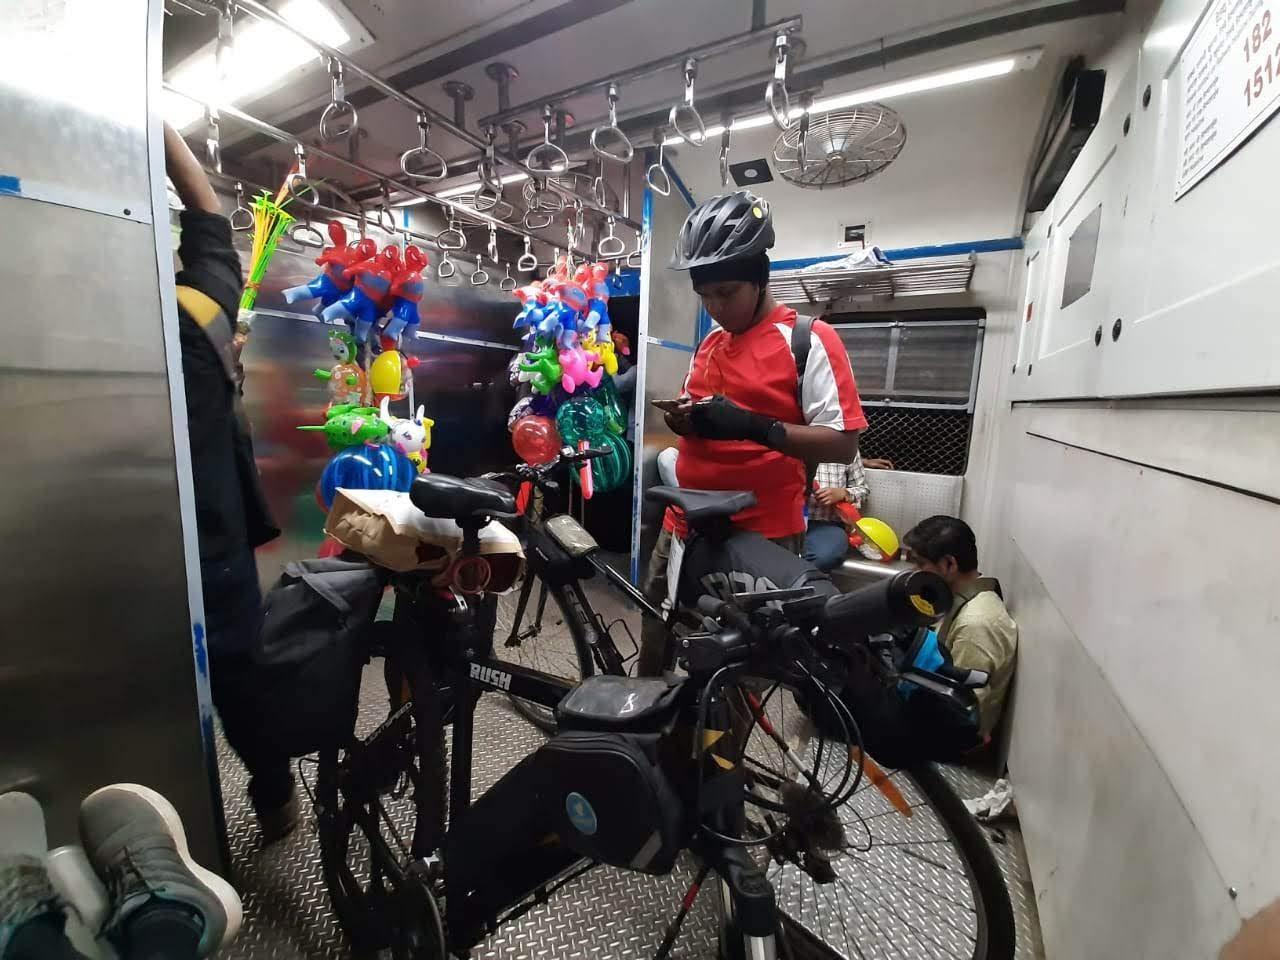 In Virar train